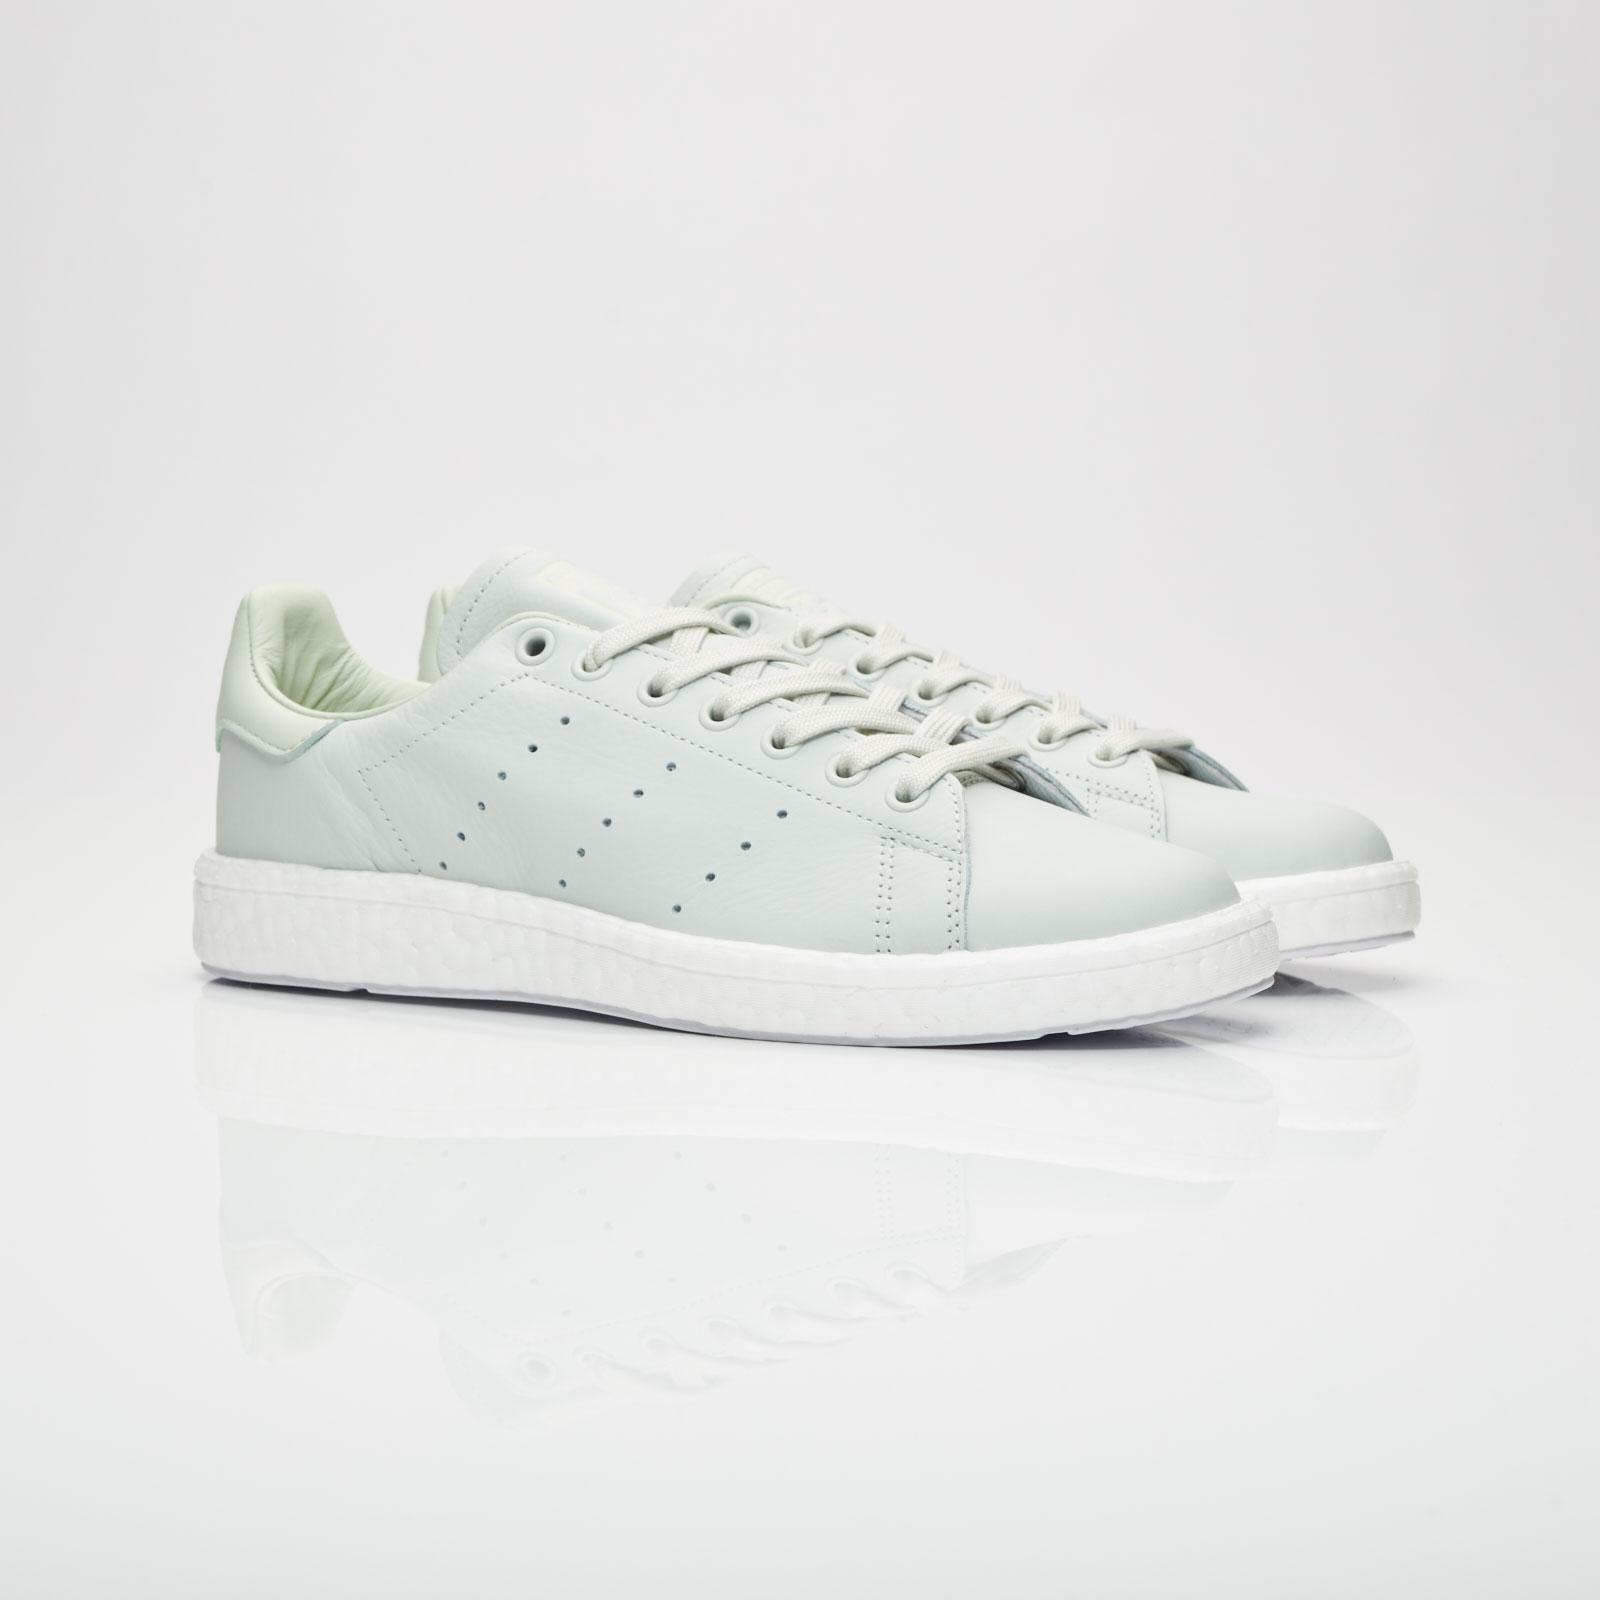 adidas nmd r1 pk japon renforcer noire et blanche: notre avis